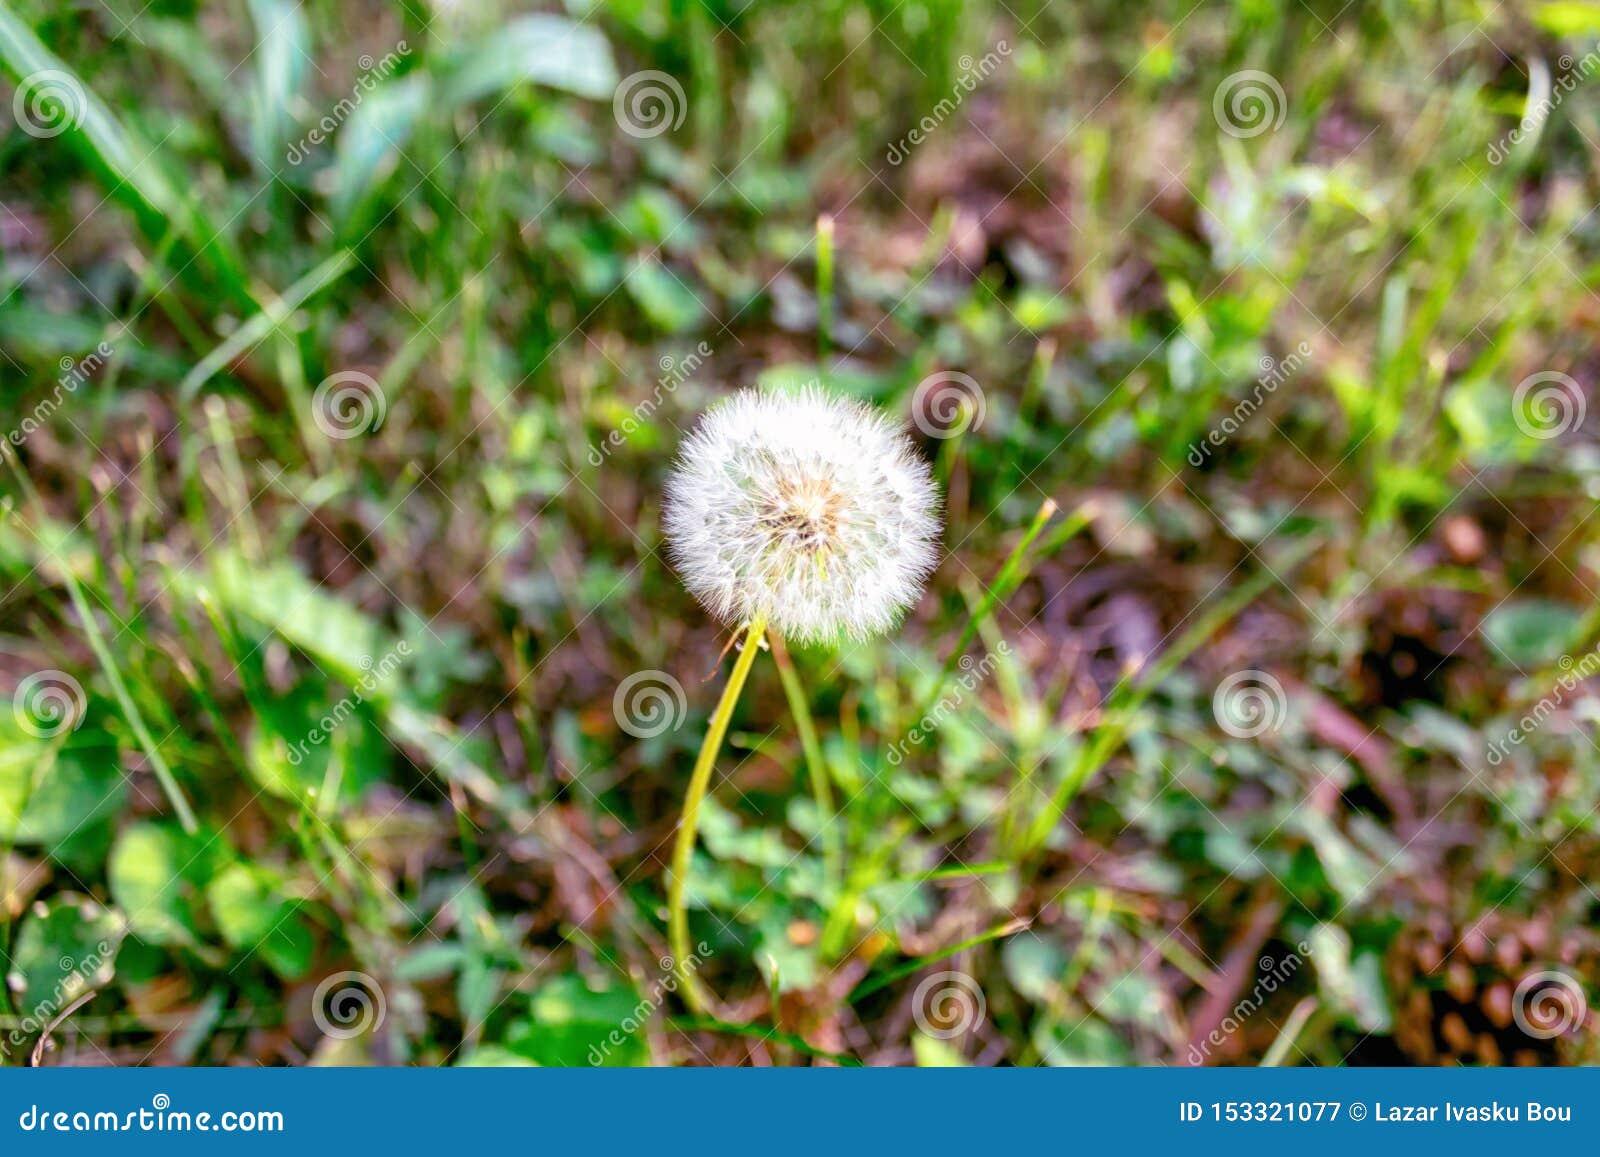 Dente di leone su fondo di erba verde